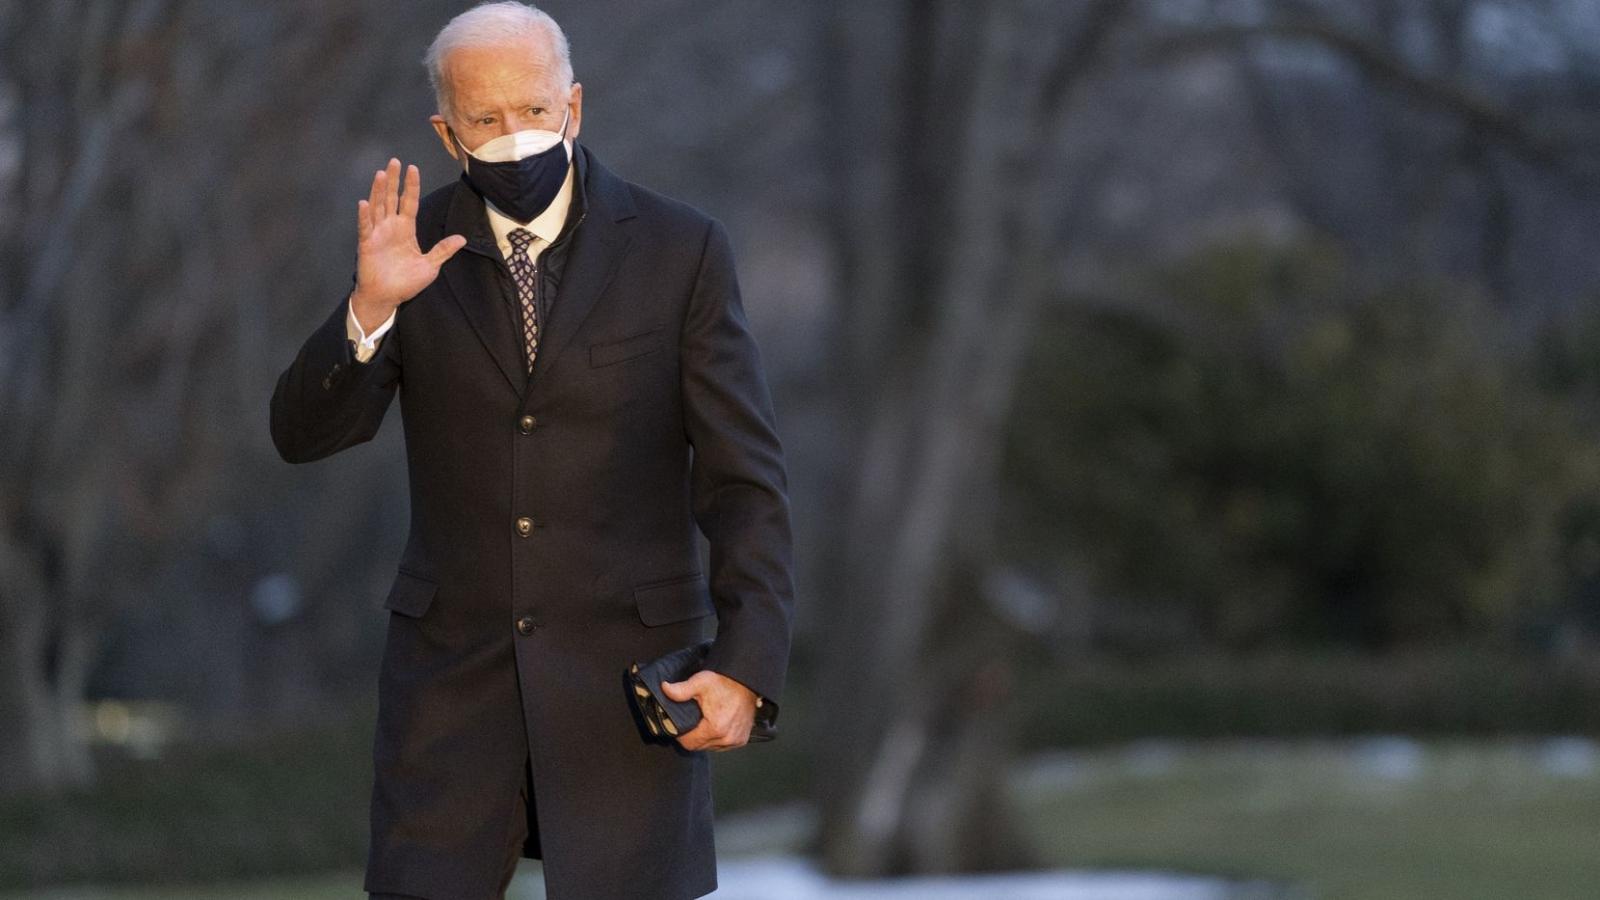 """Chính sách """"Nước Mỹ trở lại"""" sẽ giúp Tổng thống Biden khôi phục vị thế của Mỹ?"""